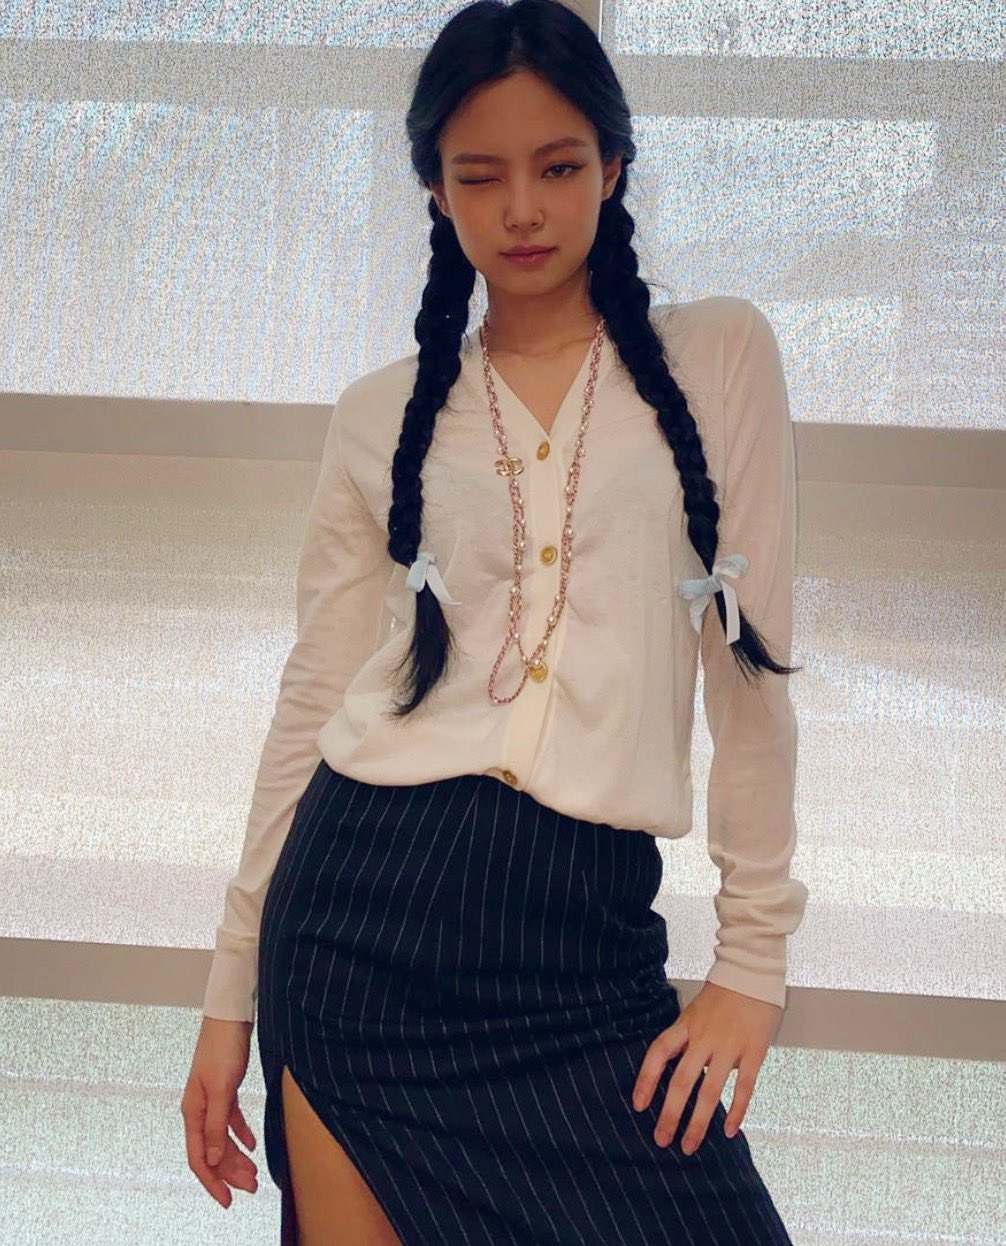 Cứ hỏi sao Jennie hay được stylist chăm chút nhất nhóm, một phần là bởi cô khéo biến hình xuất sắc thế này cơ mà - Ảnh 5.